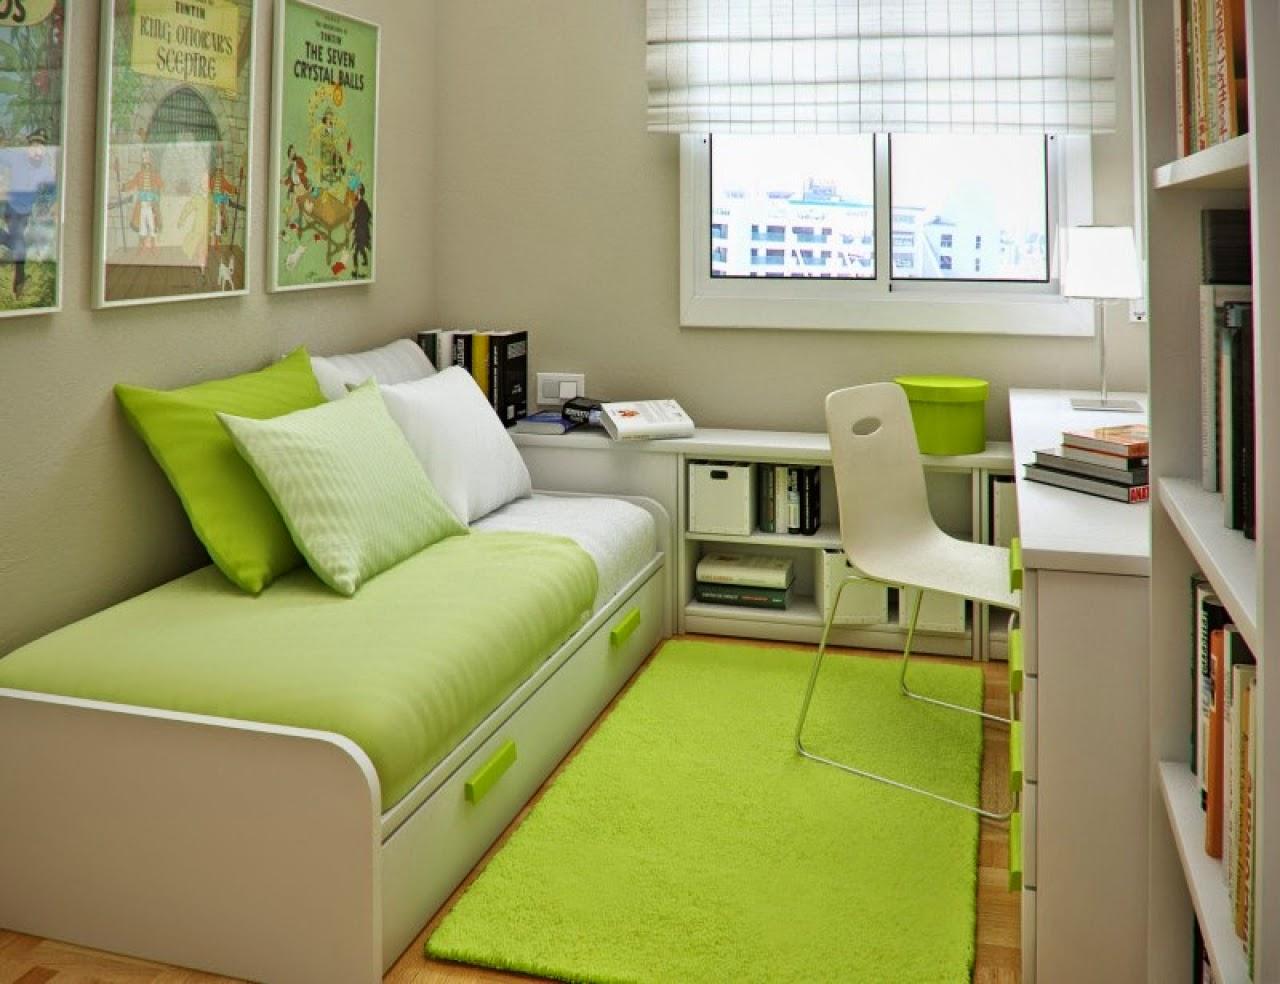 Desain Rumah Tebaru Desain Kamar Tidur Minimalis Warna Hijau